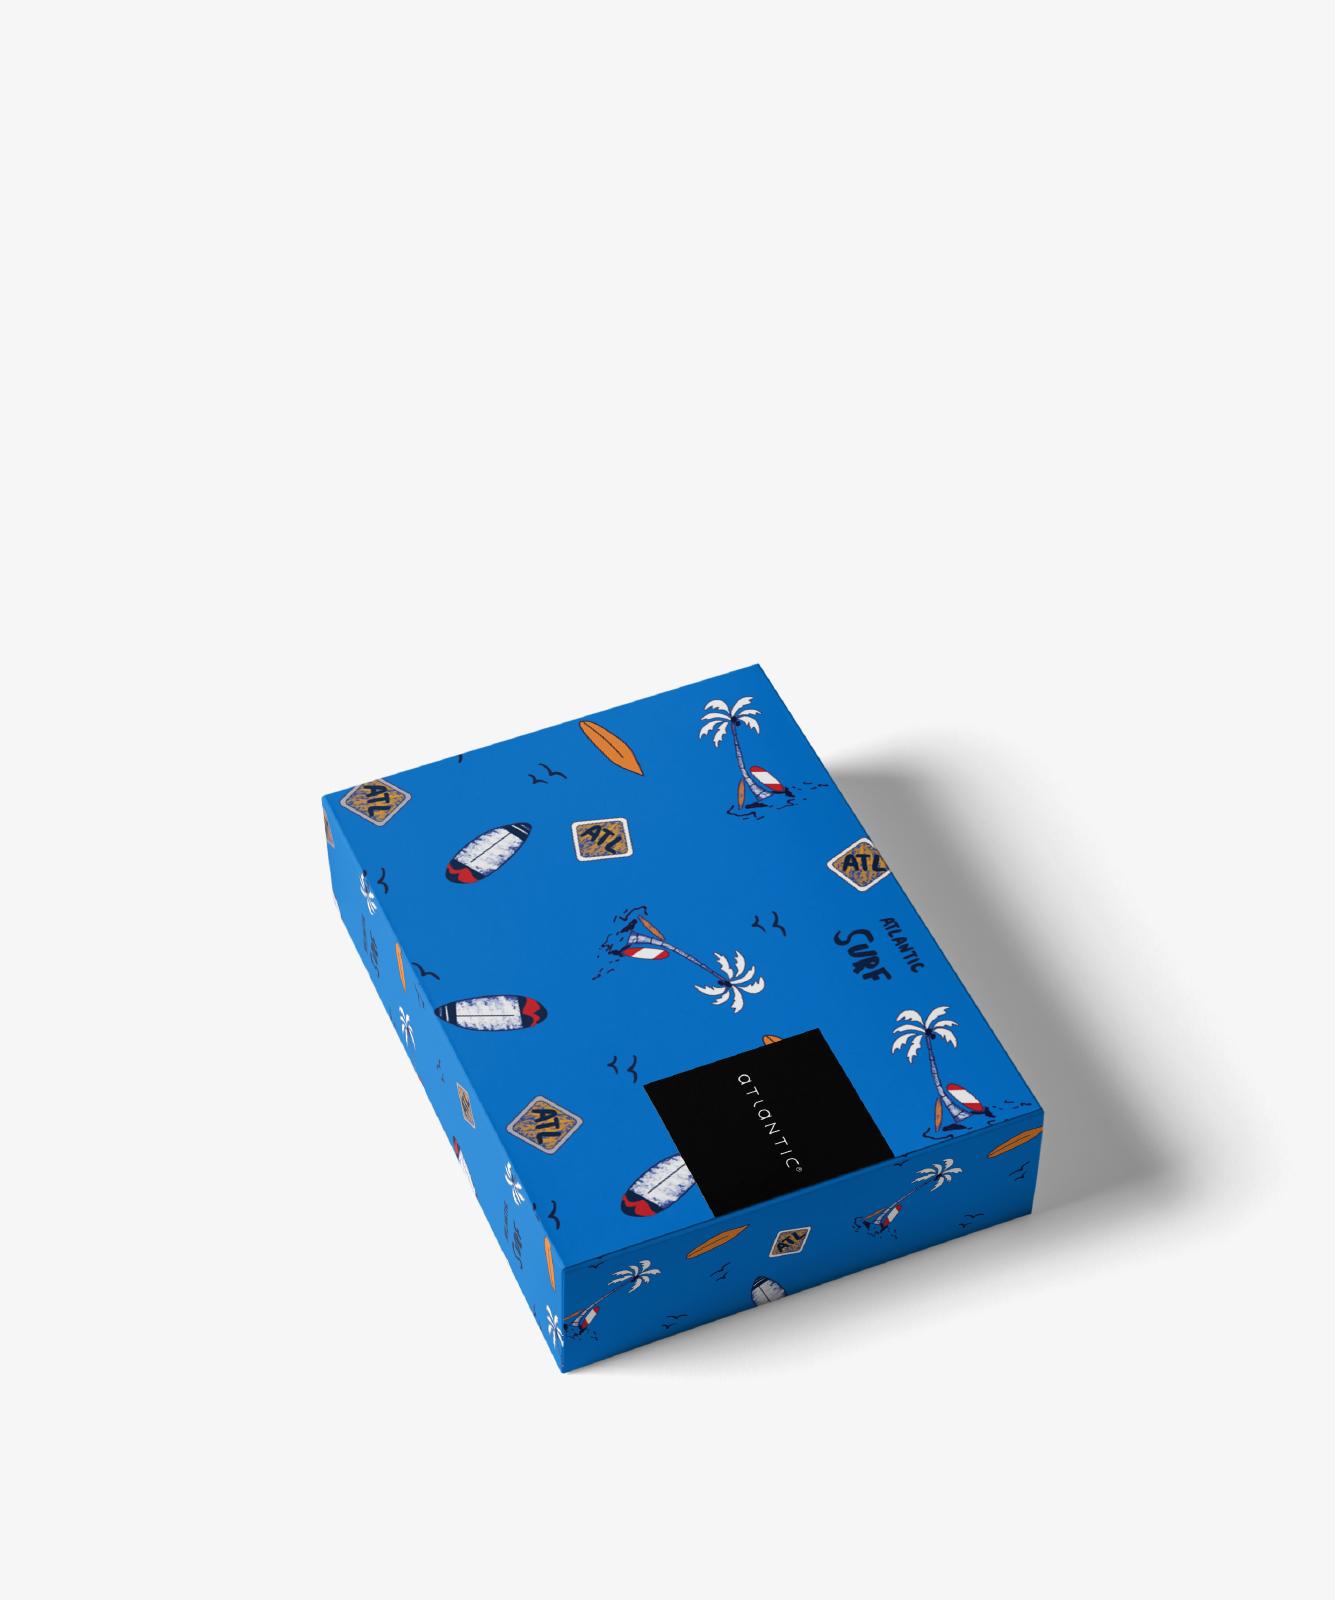 Мужские трусы шорты Atlantic, набор из 2 шт., хлопок, темно-синие + голубые, 2GMH-003